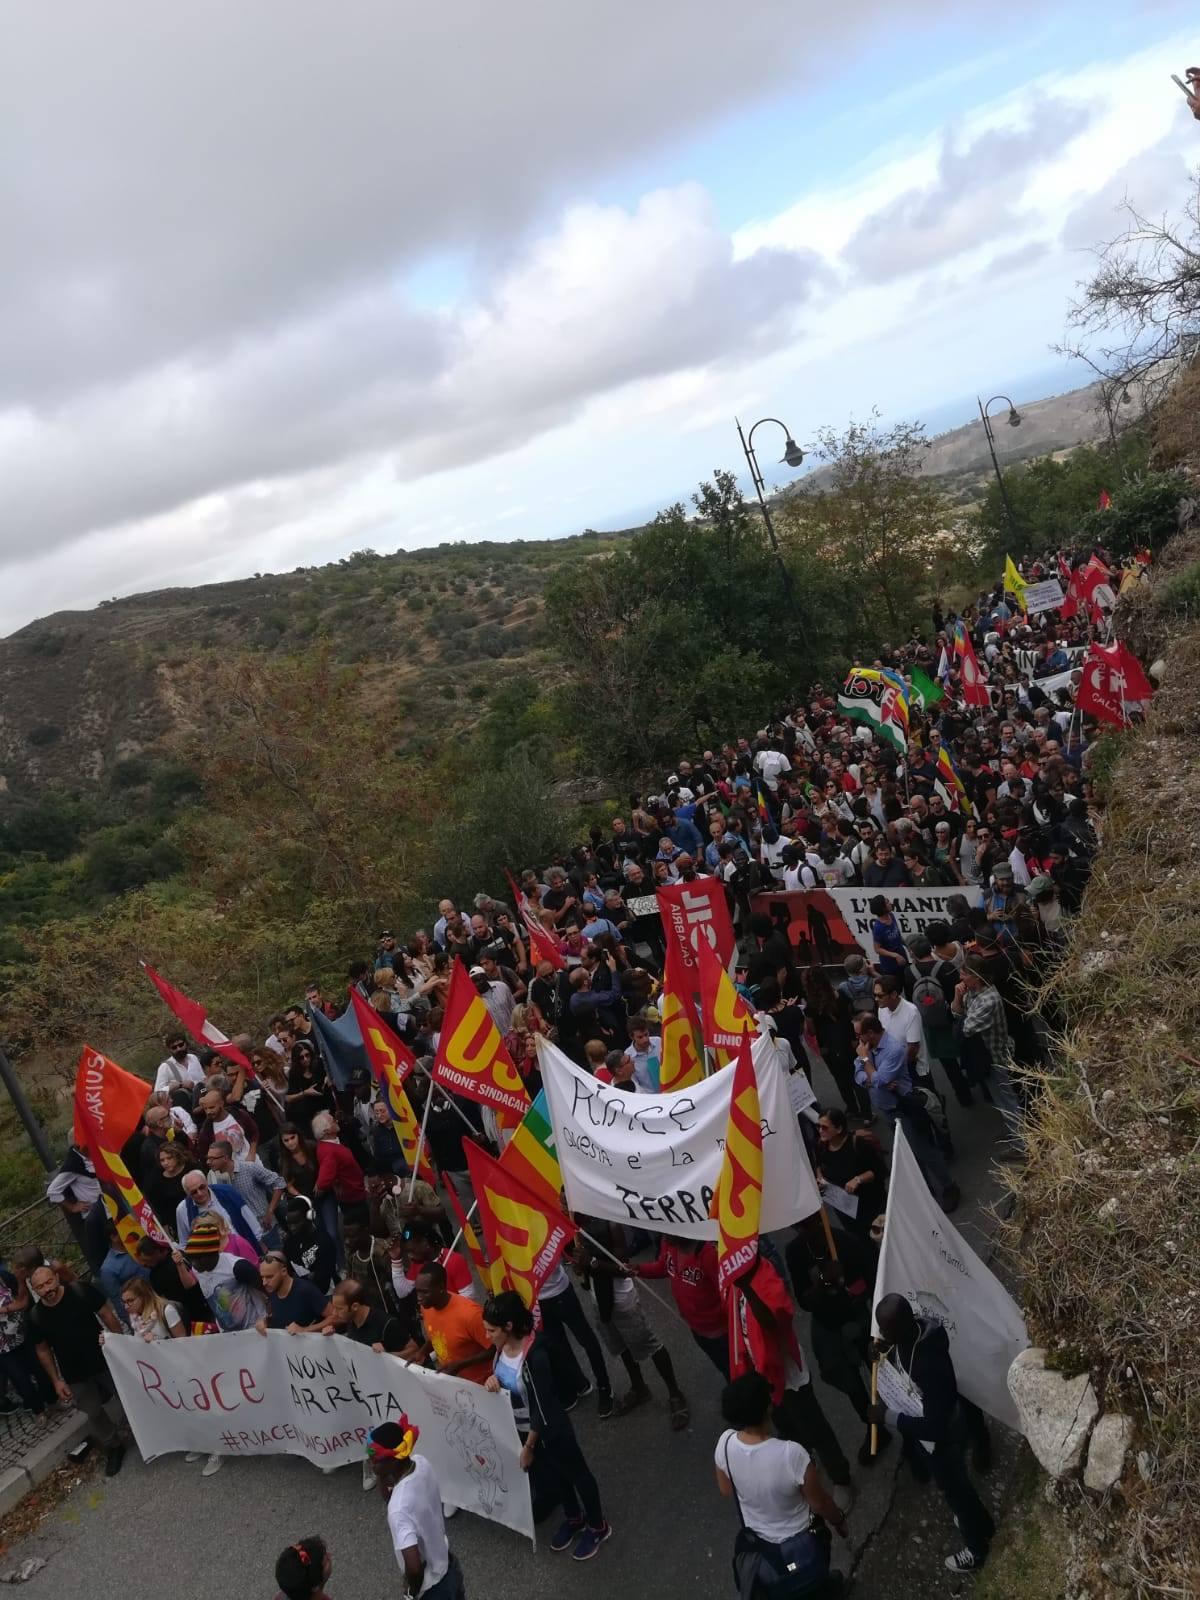 Le foto della manifestazione a Riace per Mimmo Lucano